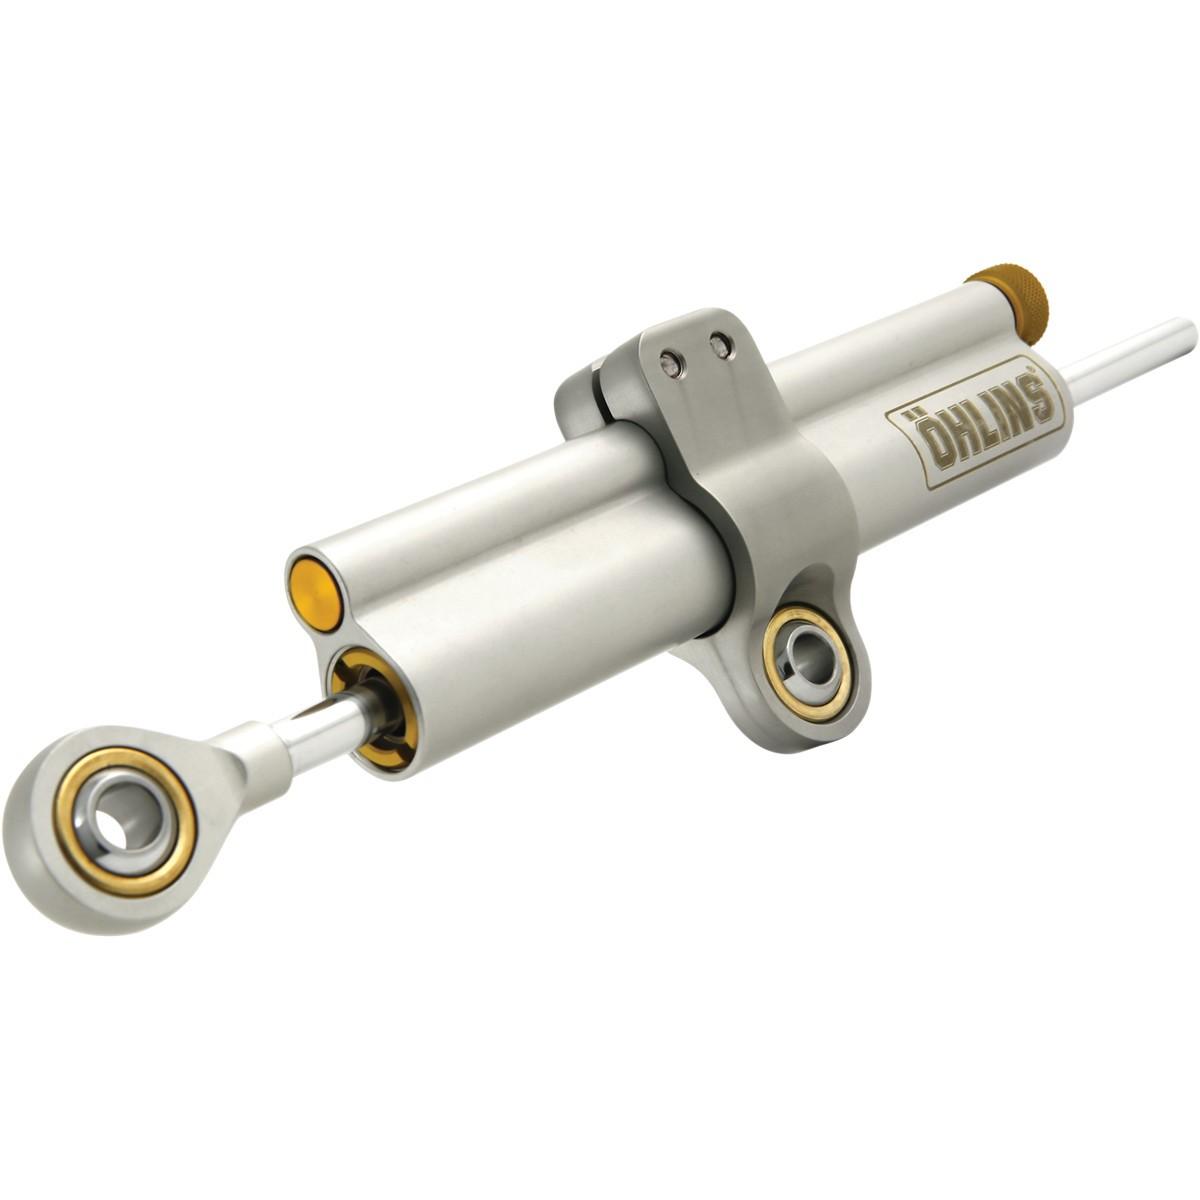 Ohlins Steering Damper - SD 033